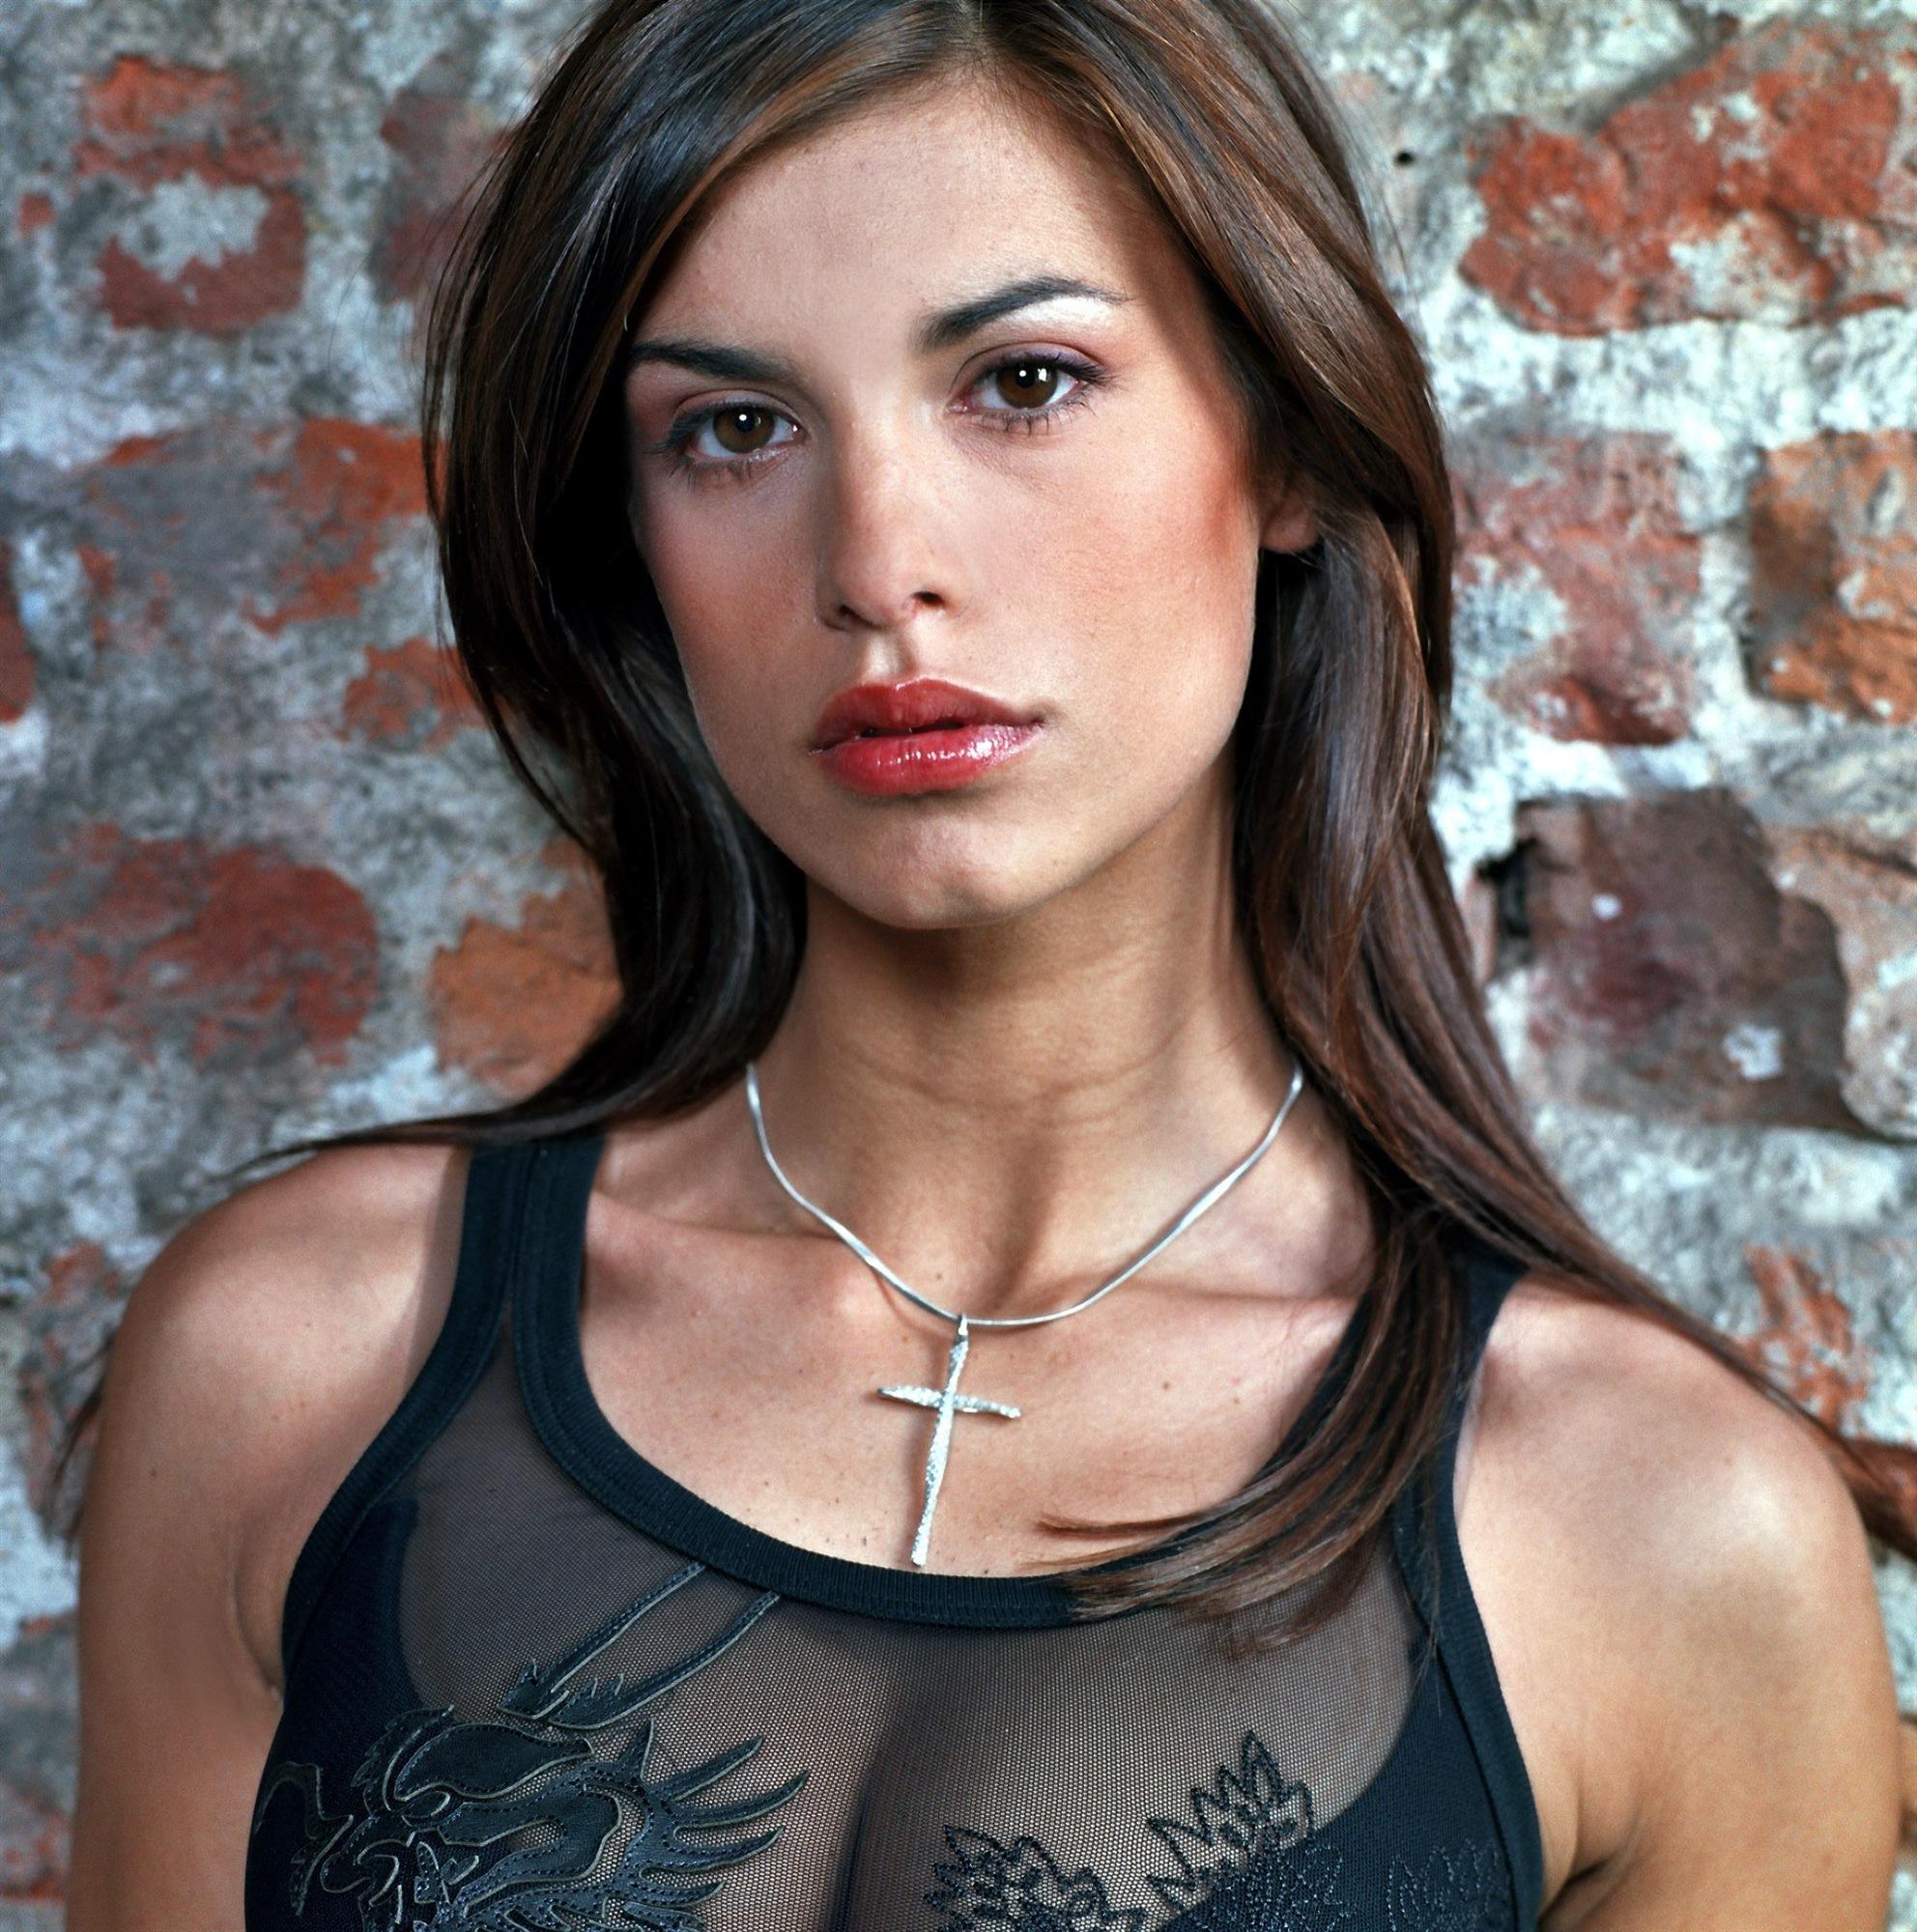 Elisabetta canalis celebrities lists photo08 elisabetta canalis voltagebd Gallery